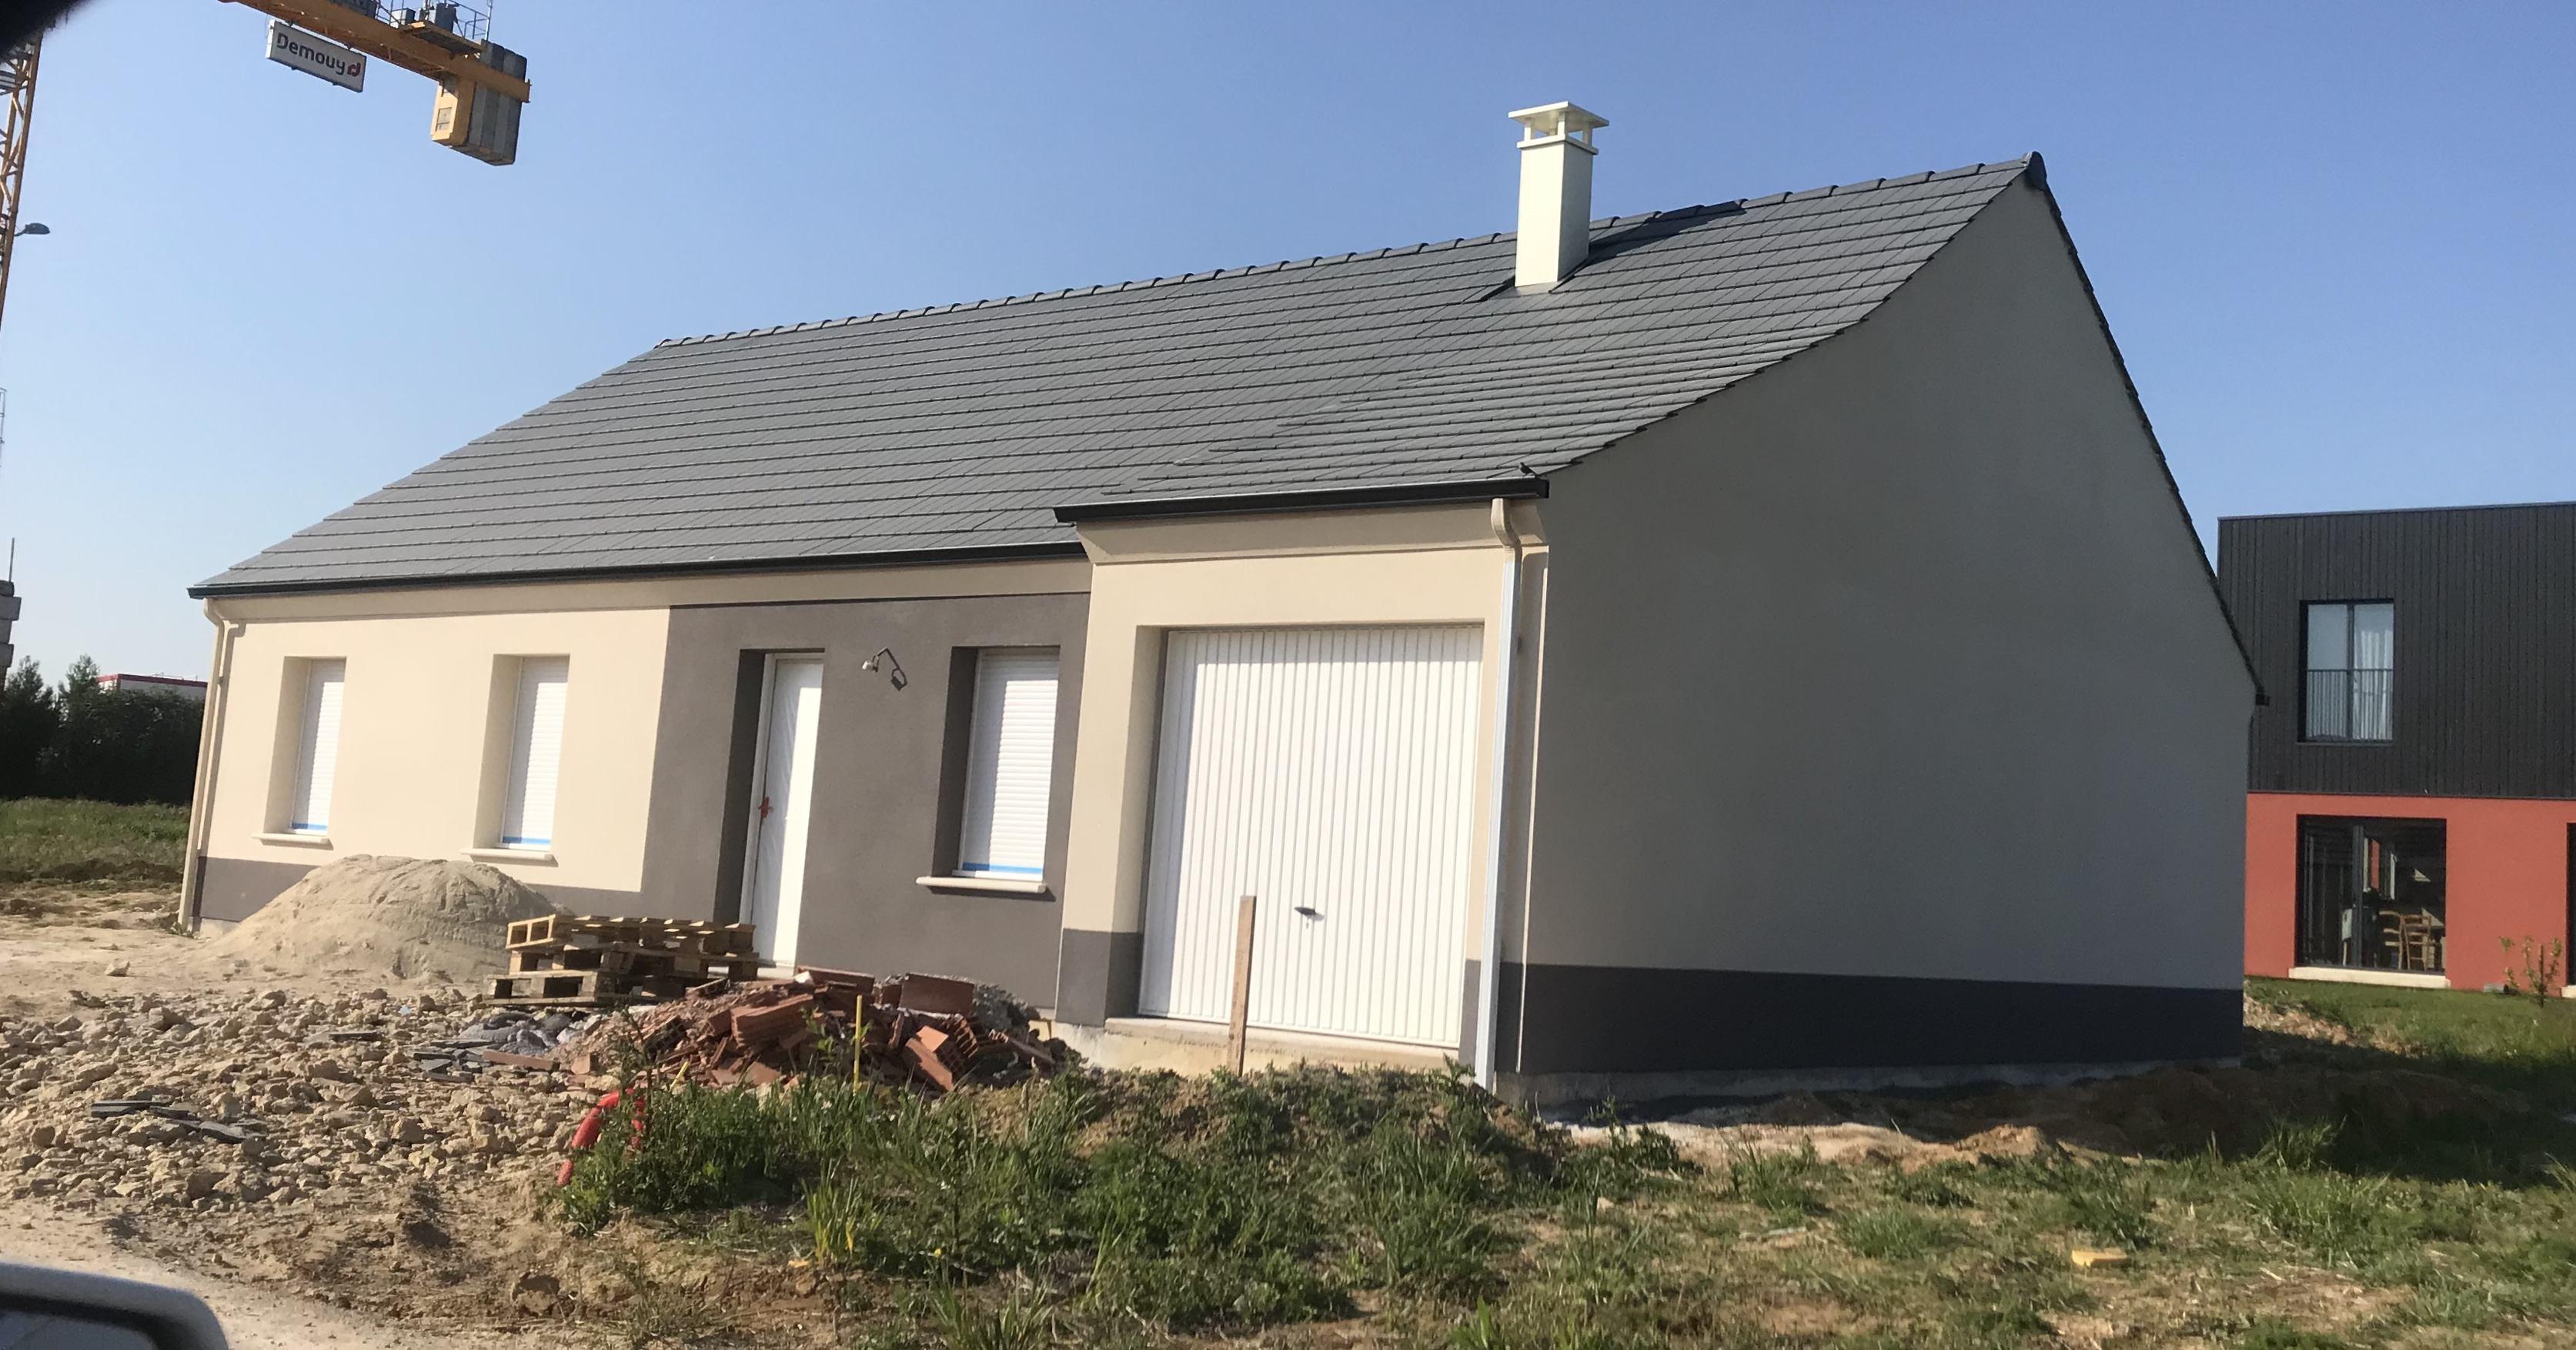 Maisons + Terrains du constructeur RESIDENCES PICARDES BDL • 97 m² • CAMPAGNE